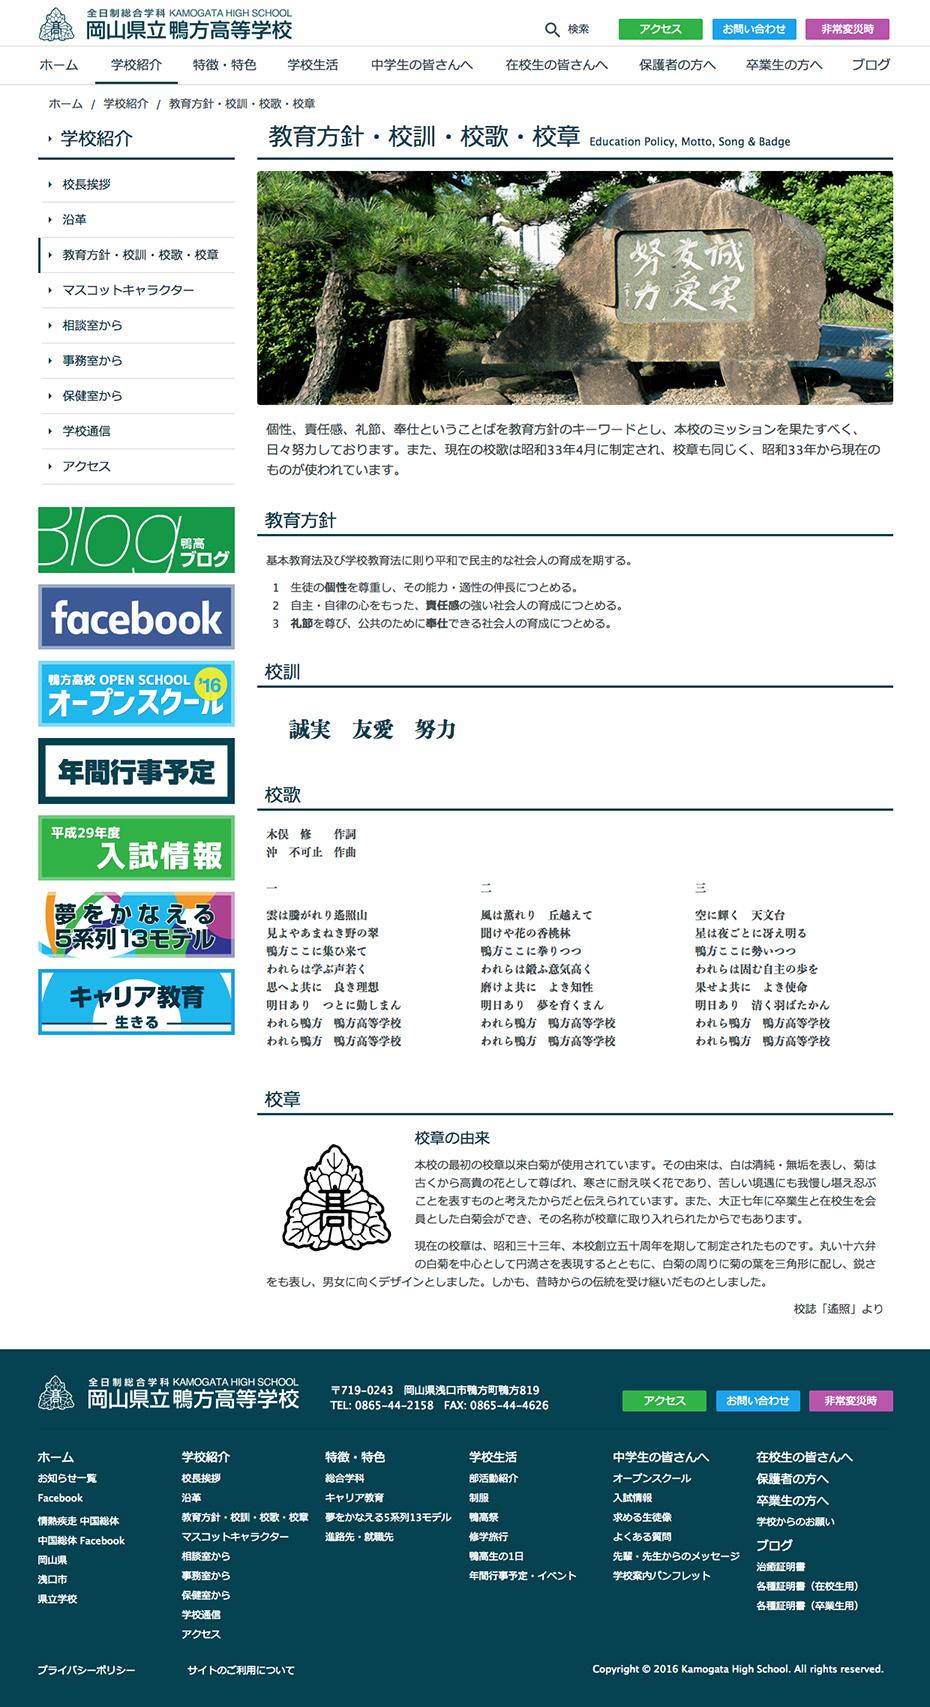 岡山県立鴨方高等学校様 ホームページ 教育方針・校訓・校歌・校章